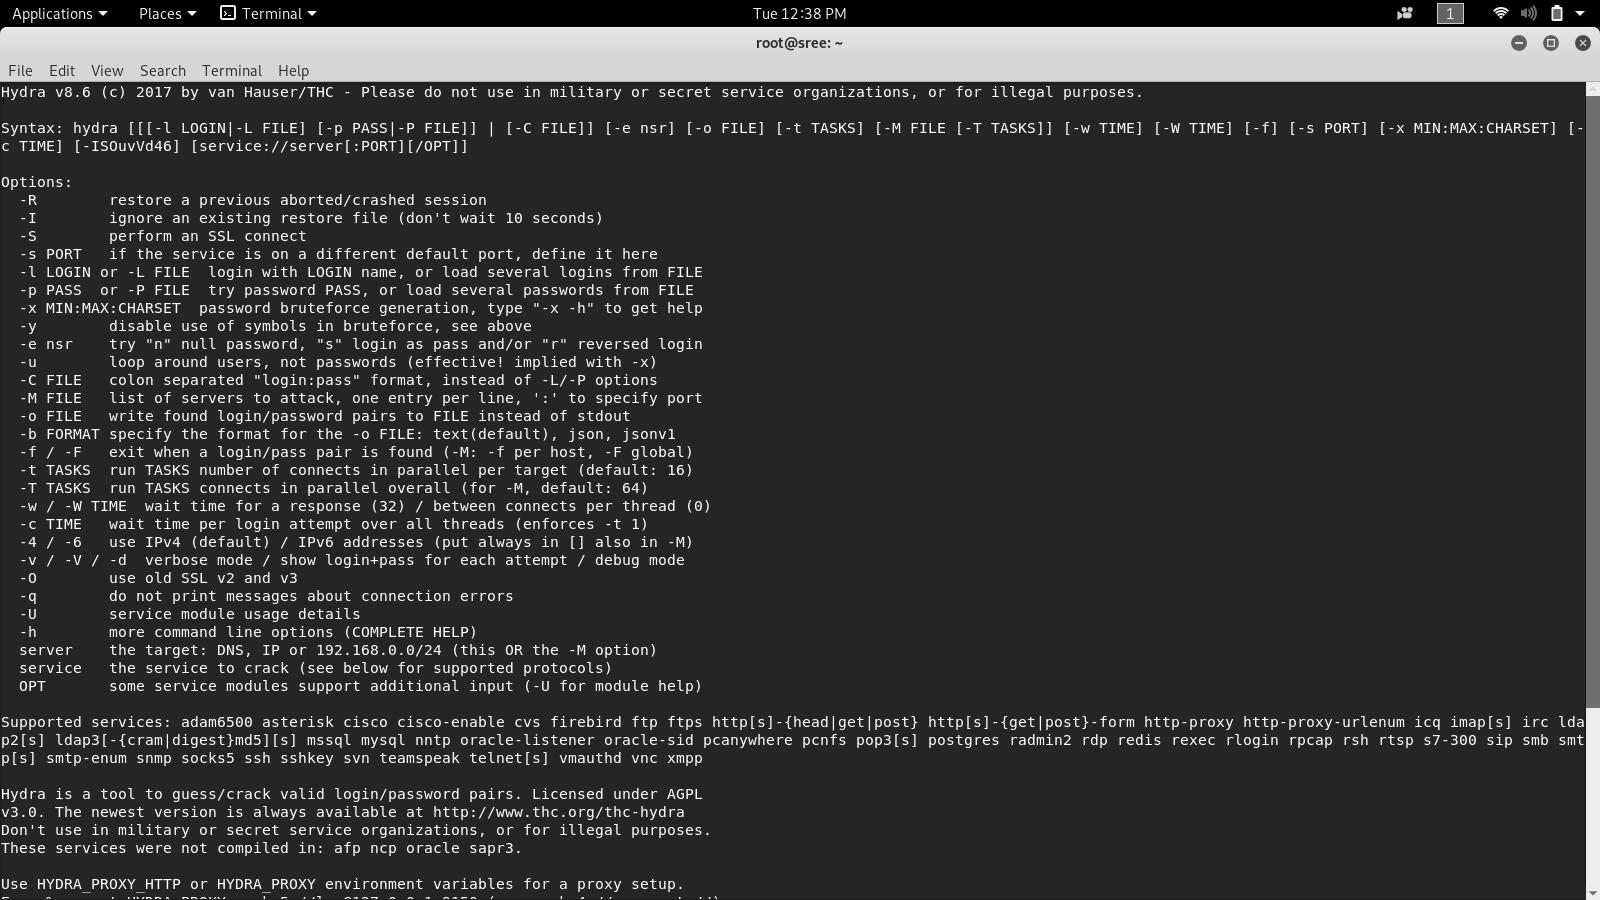 file sharing darknet hydra